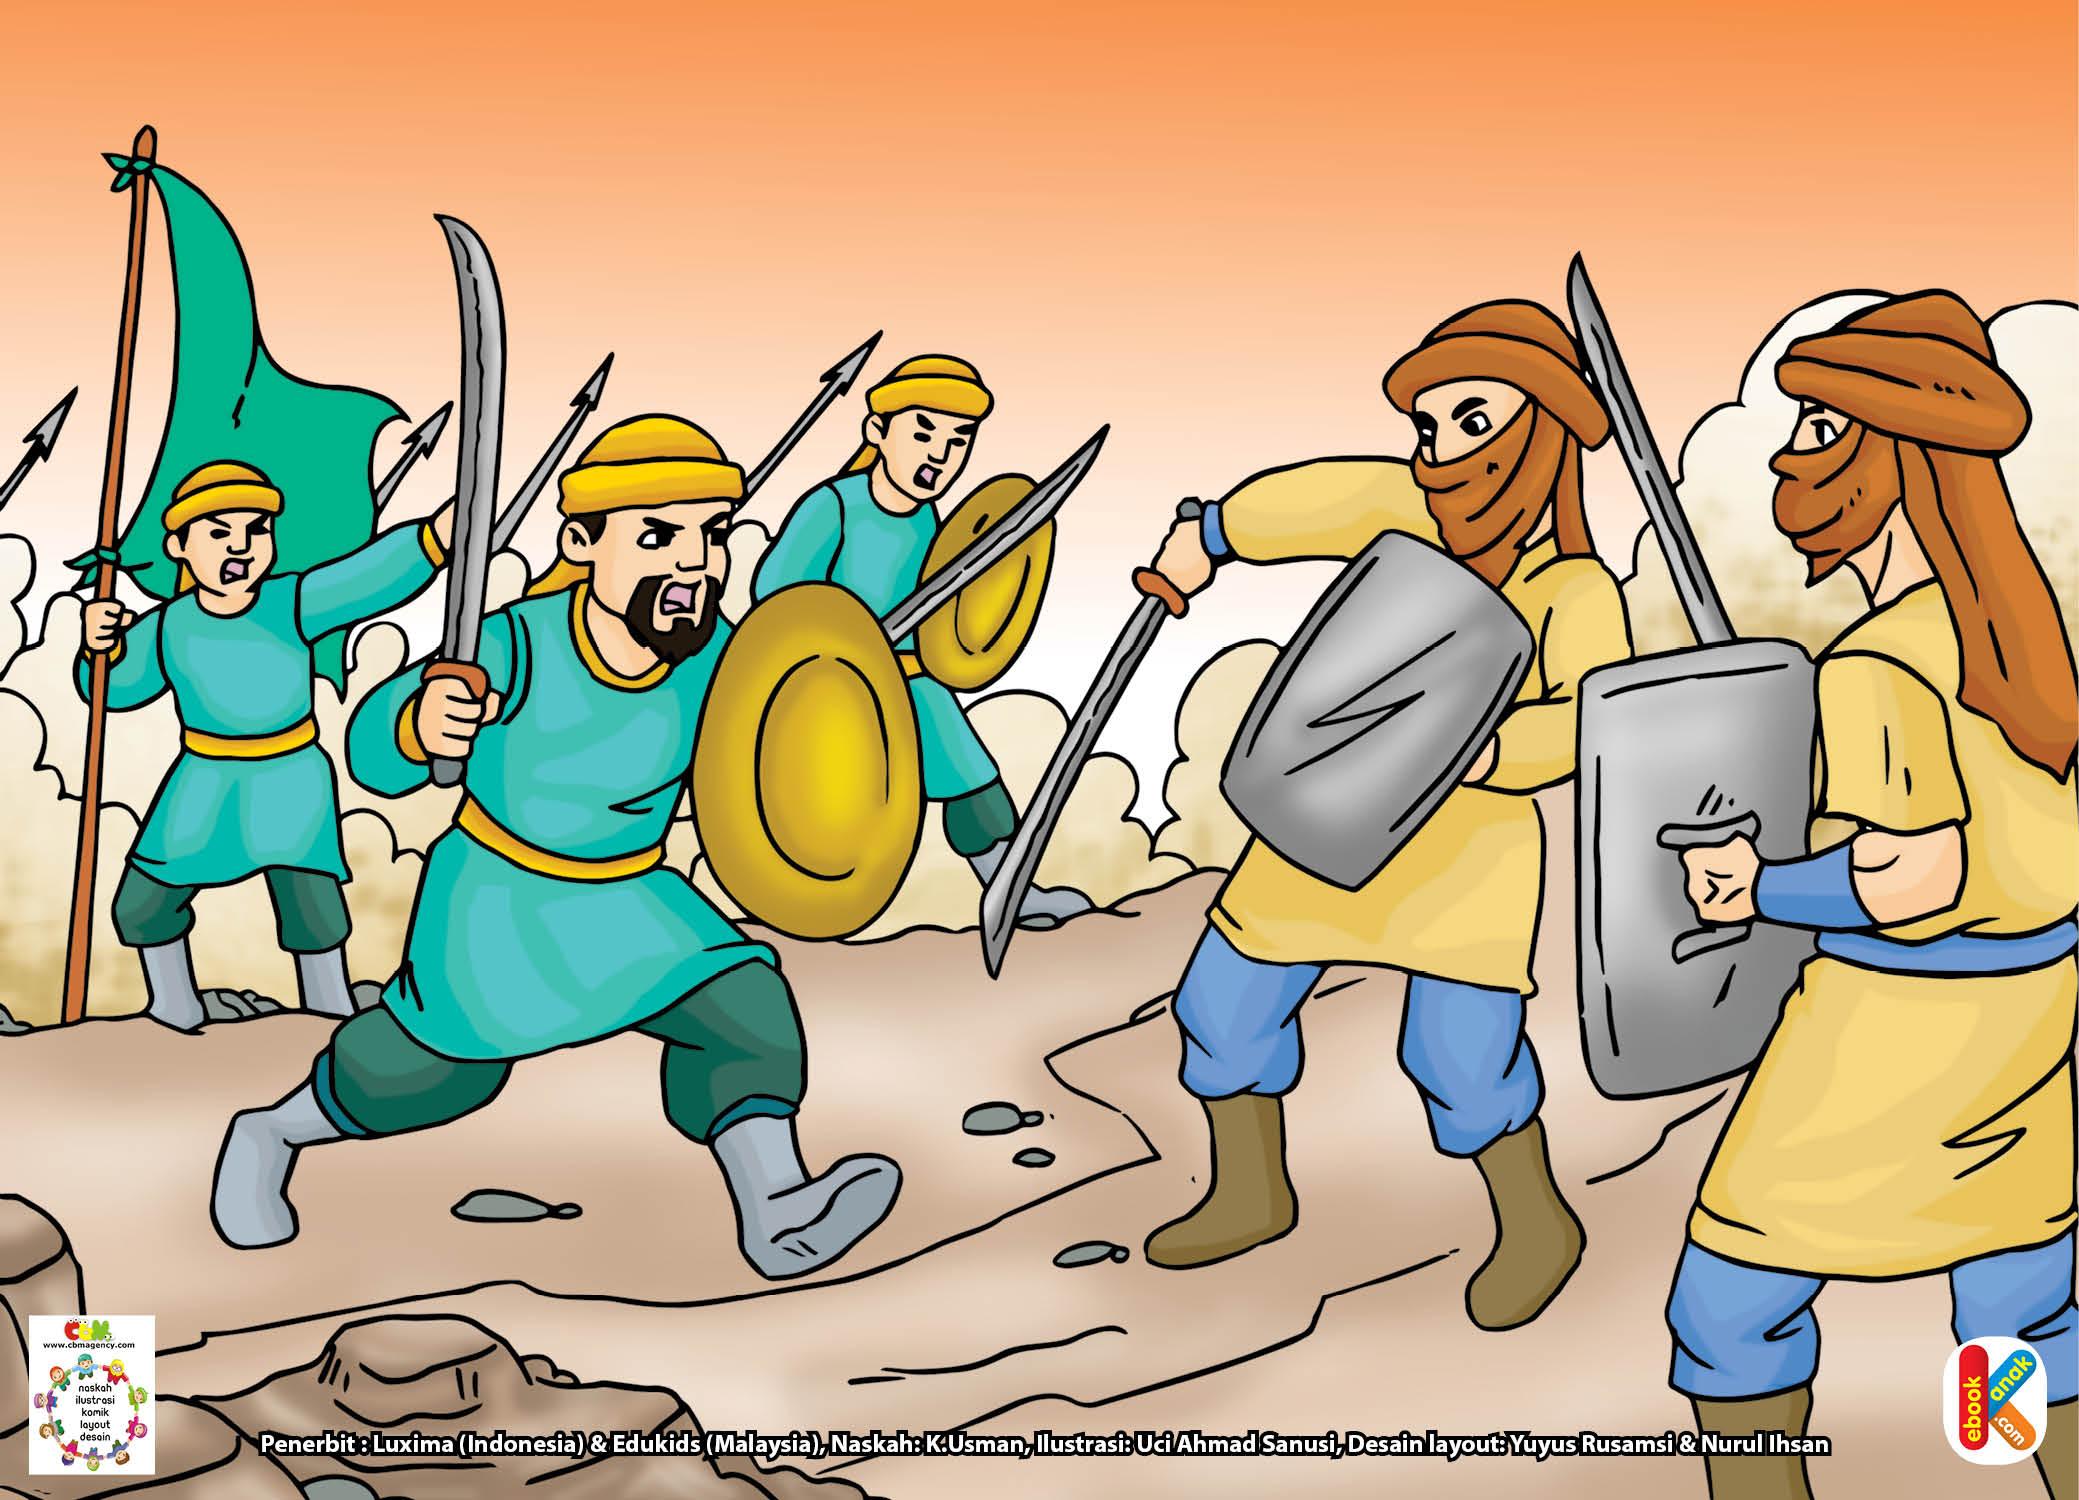 Abu Bakar ingin, agama Islam tetap dipatuhi seperti ketika masih ada Rasulullah.